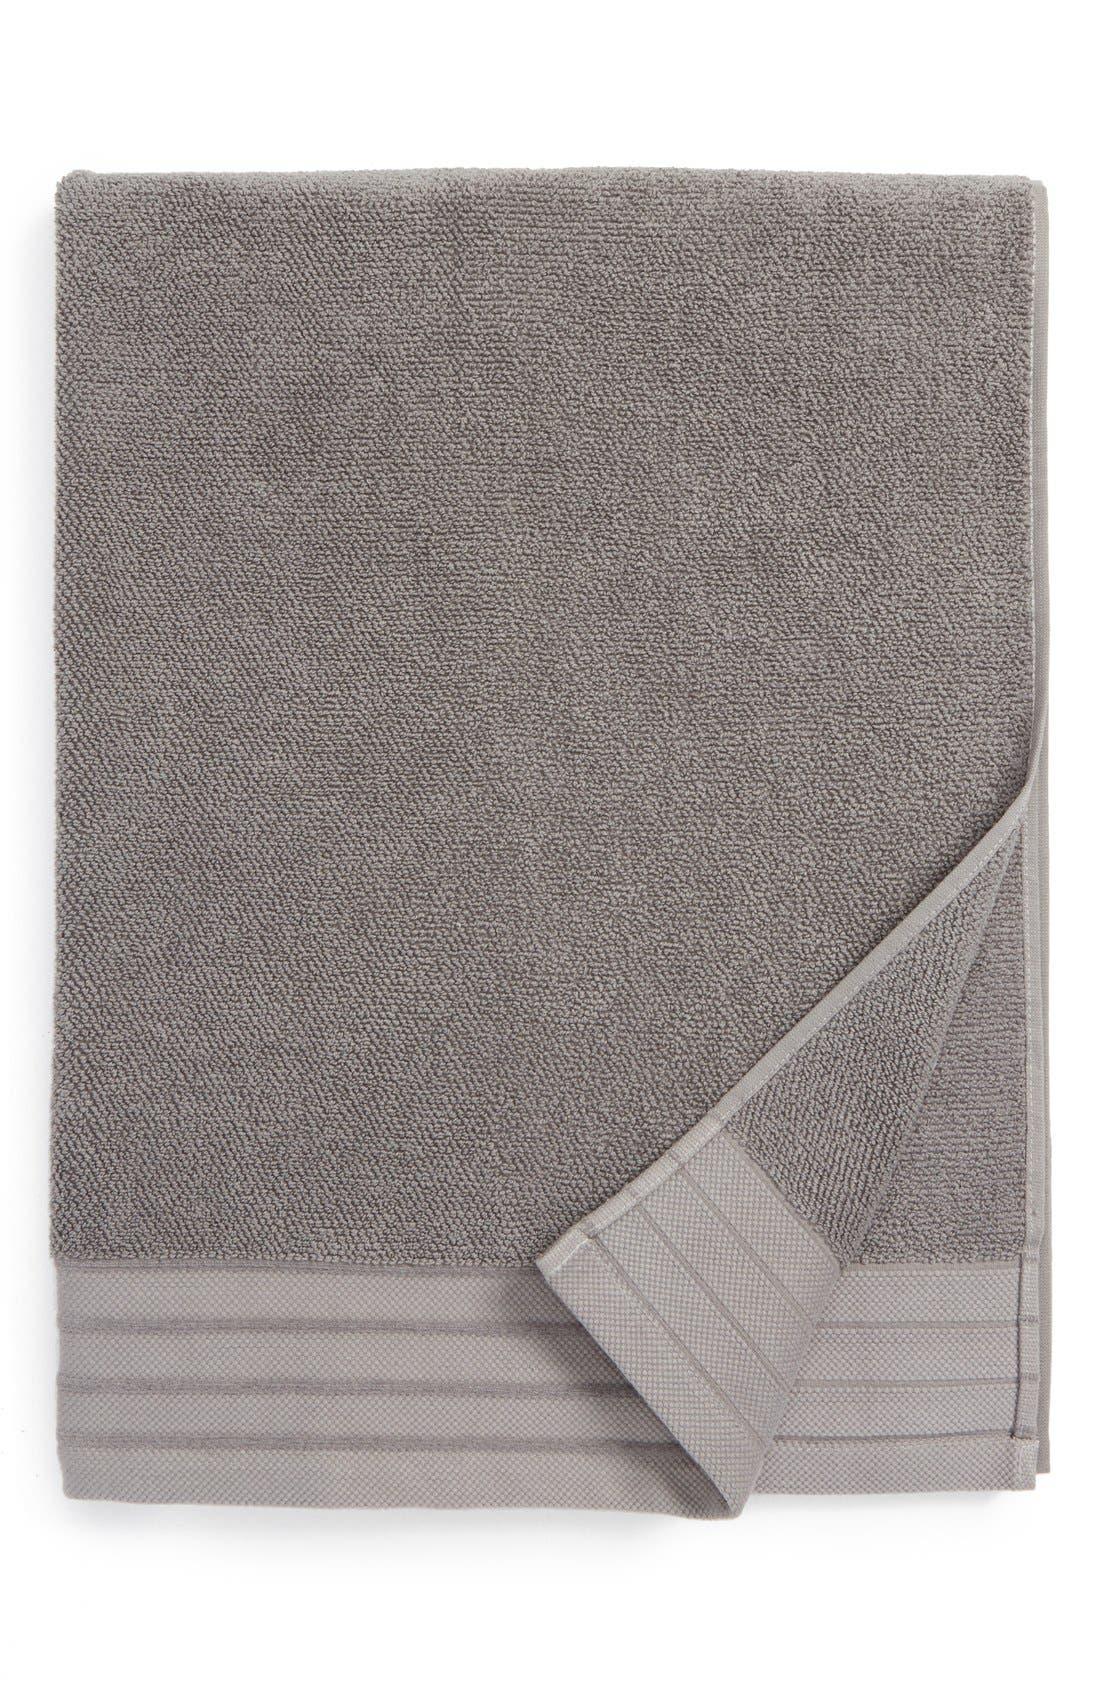 Classic Luxe Bath Towel,                             Main thumbnail 1, color,                             GRANITE